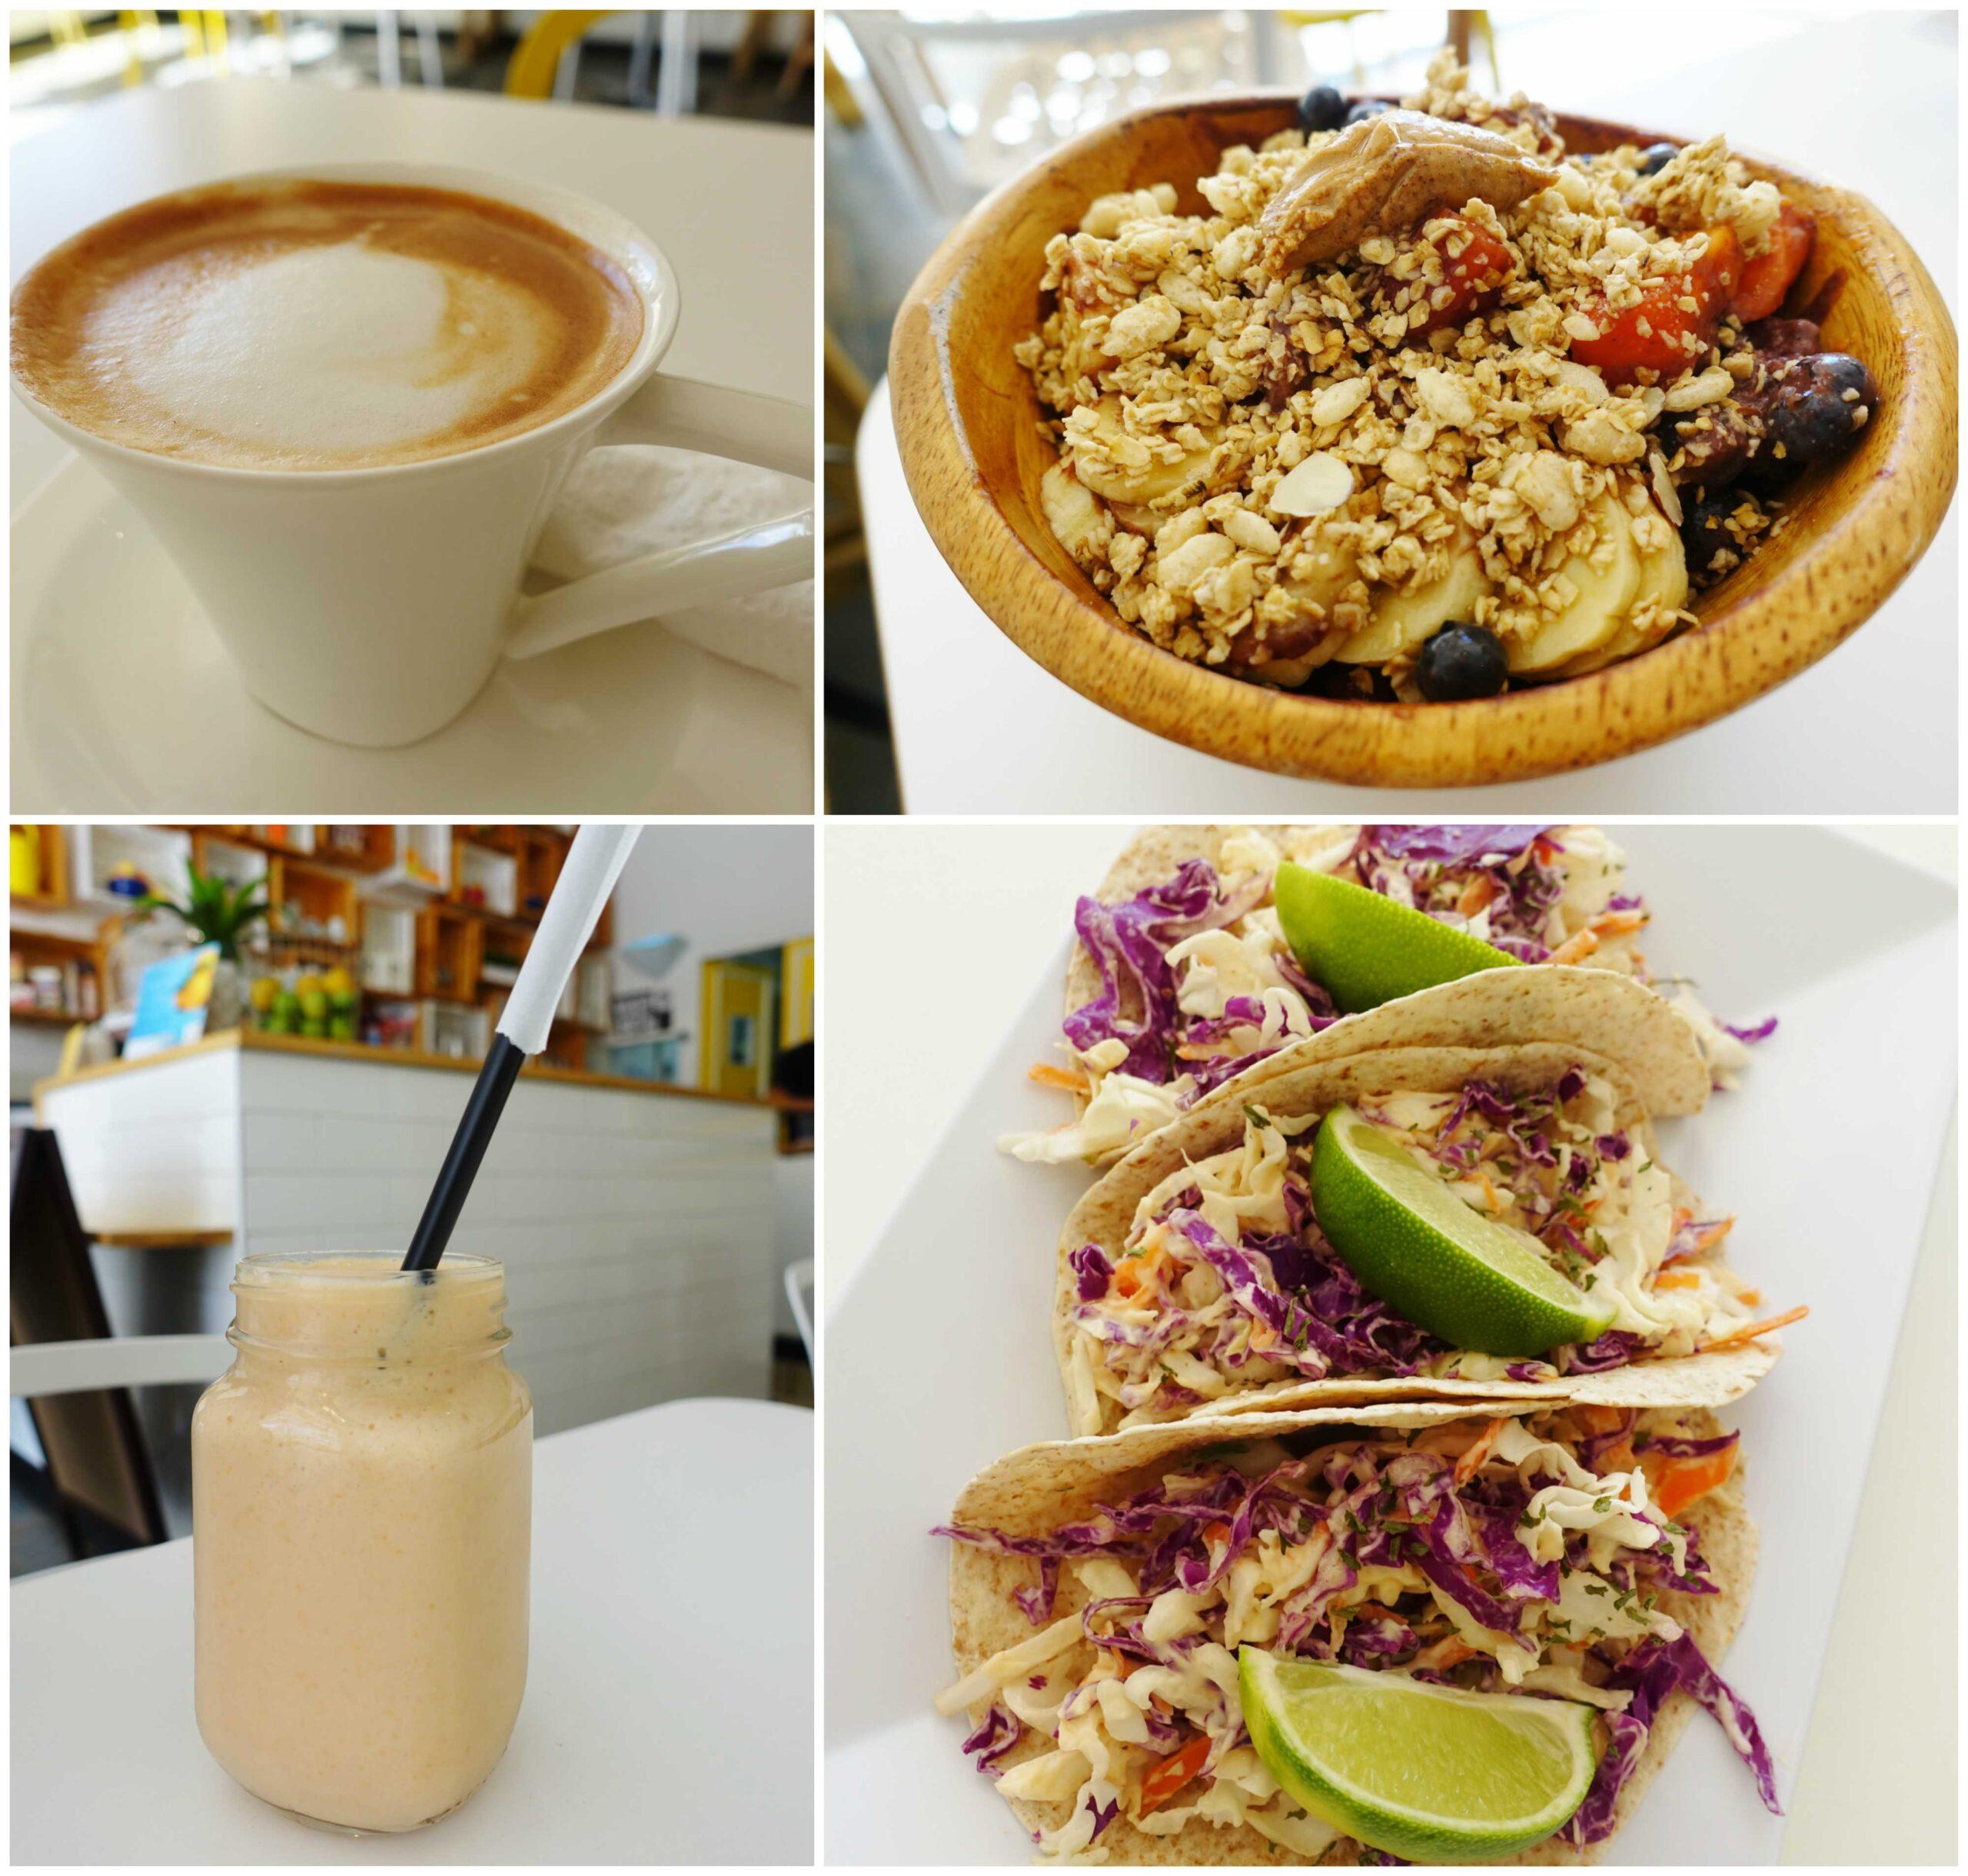 Cafe con Leche, Papayadise, Acai Bowl, Fish Tacos - BaJuice - Condado, San Juan, Puerto Rico